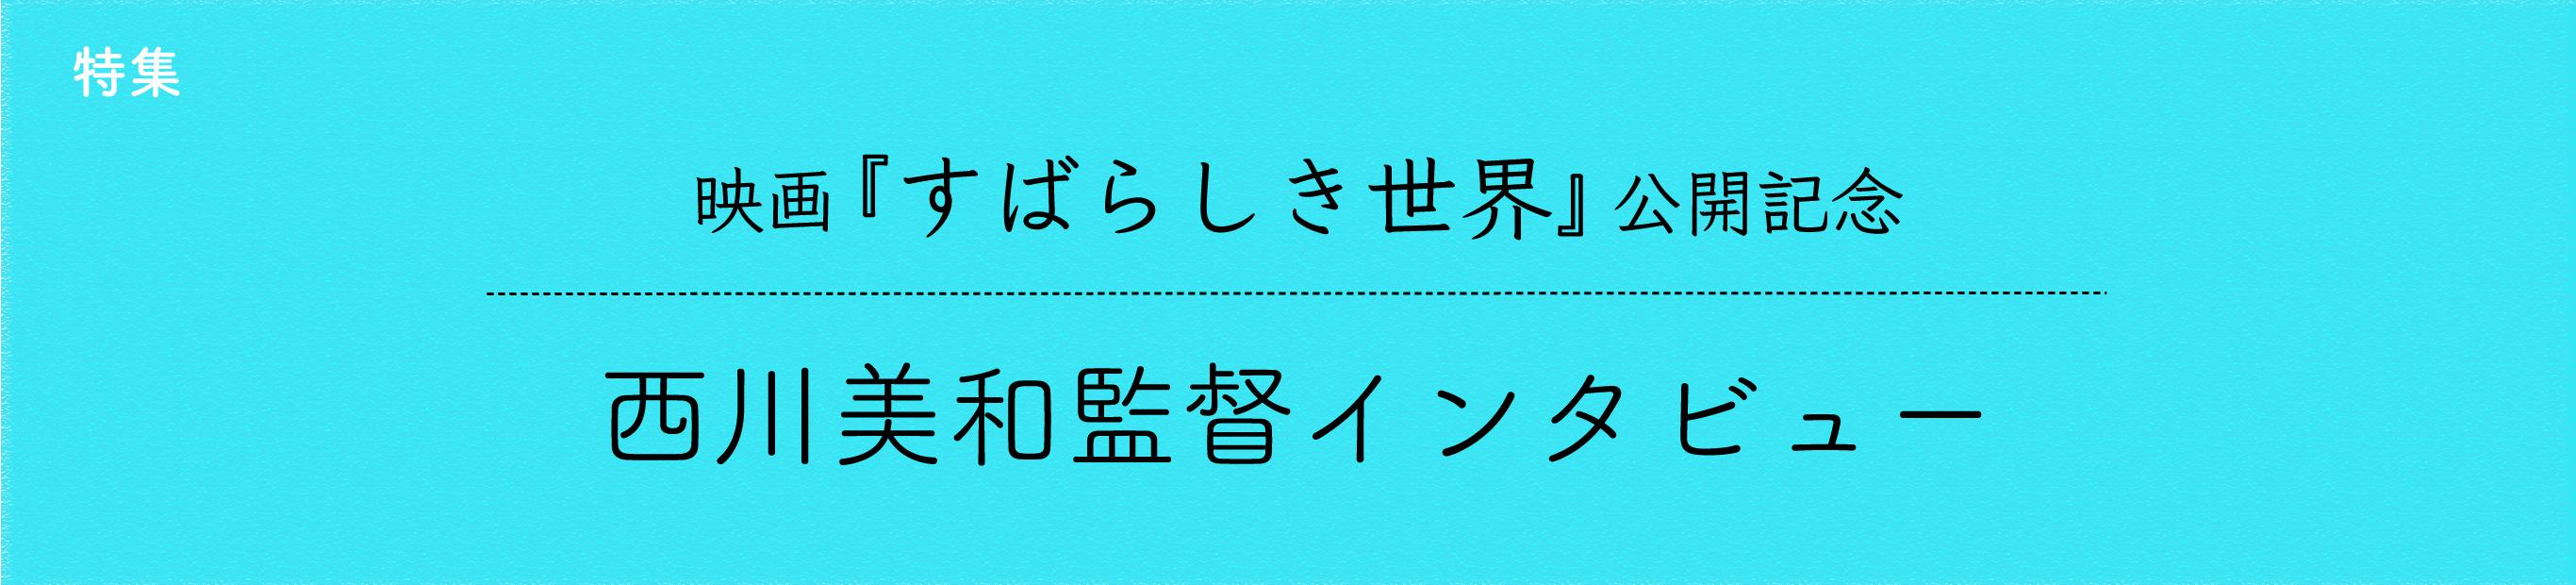 映画『すばらしき世界』公開記念・西川美和監督インタビュー(1)